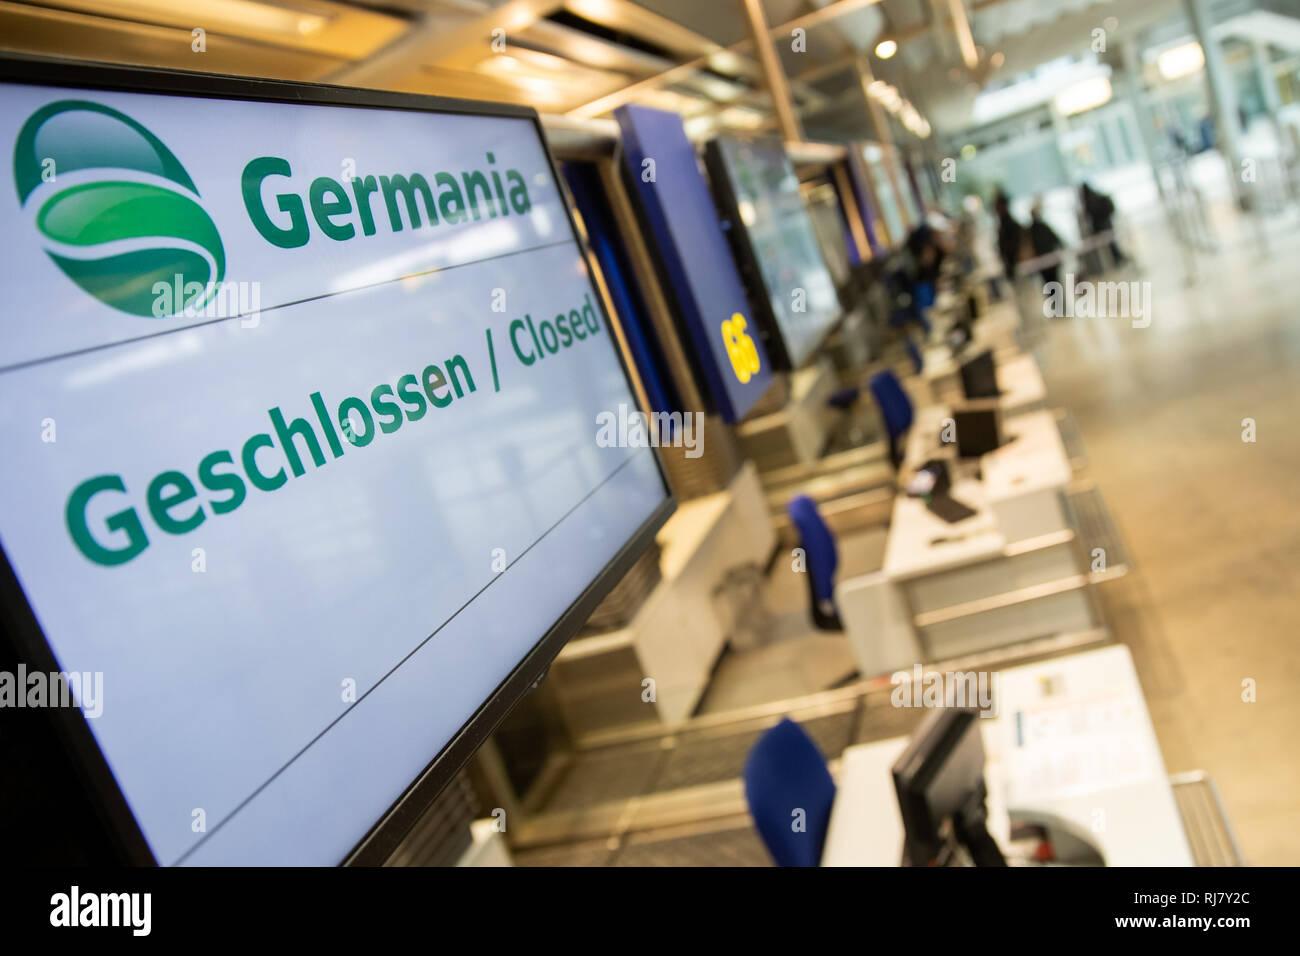 Flughafen memmingen geschlossen